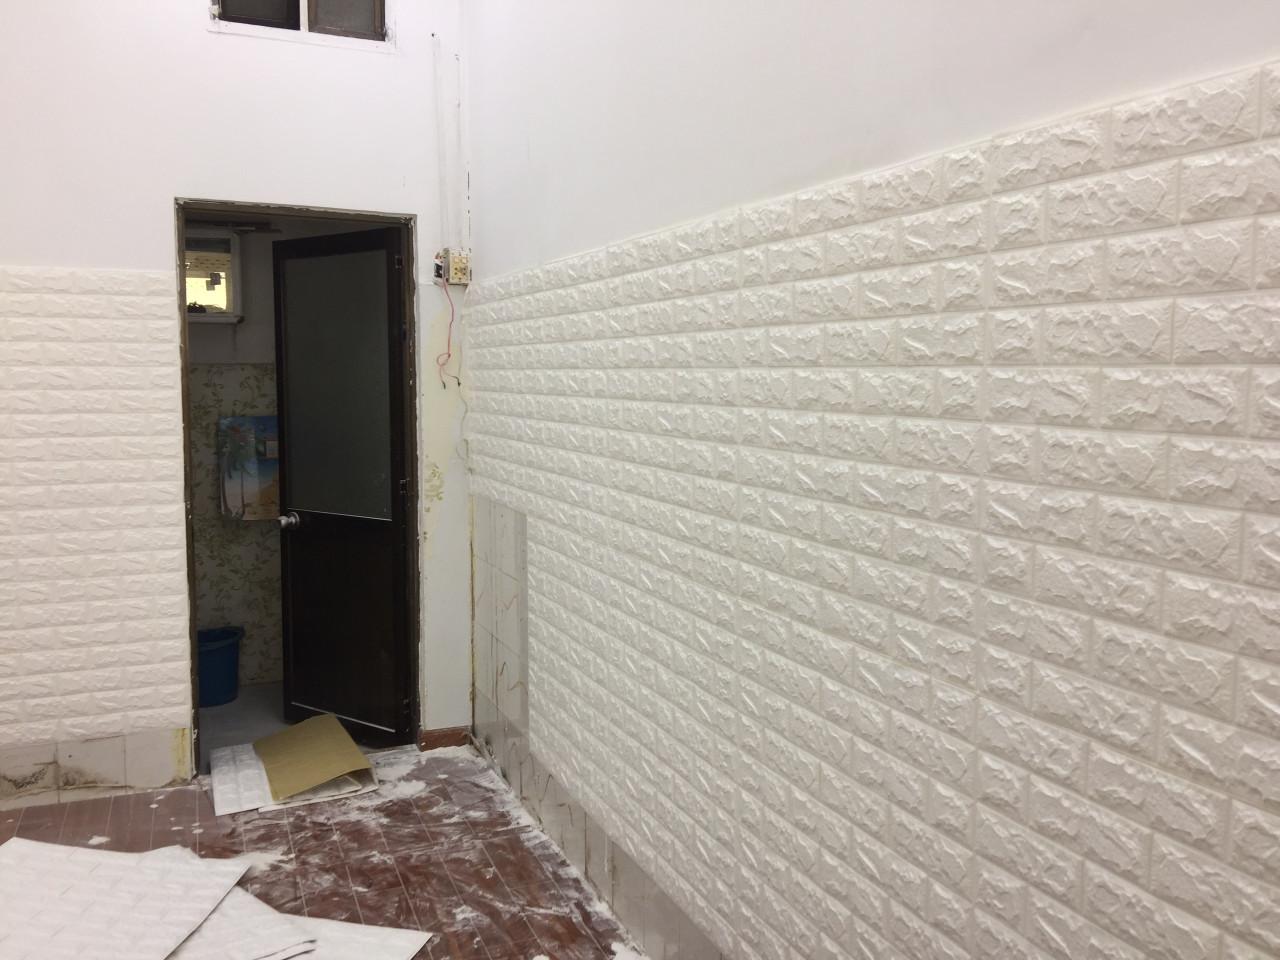 miếng dán tường giả gạch đẹp